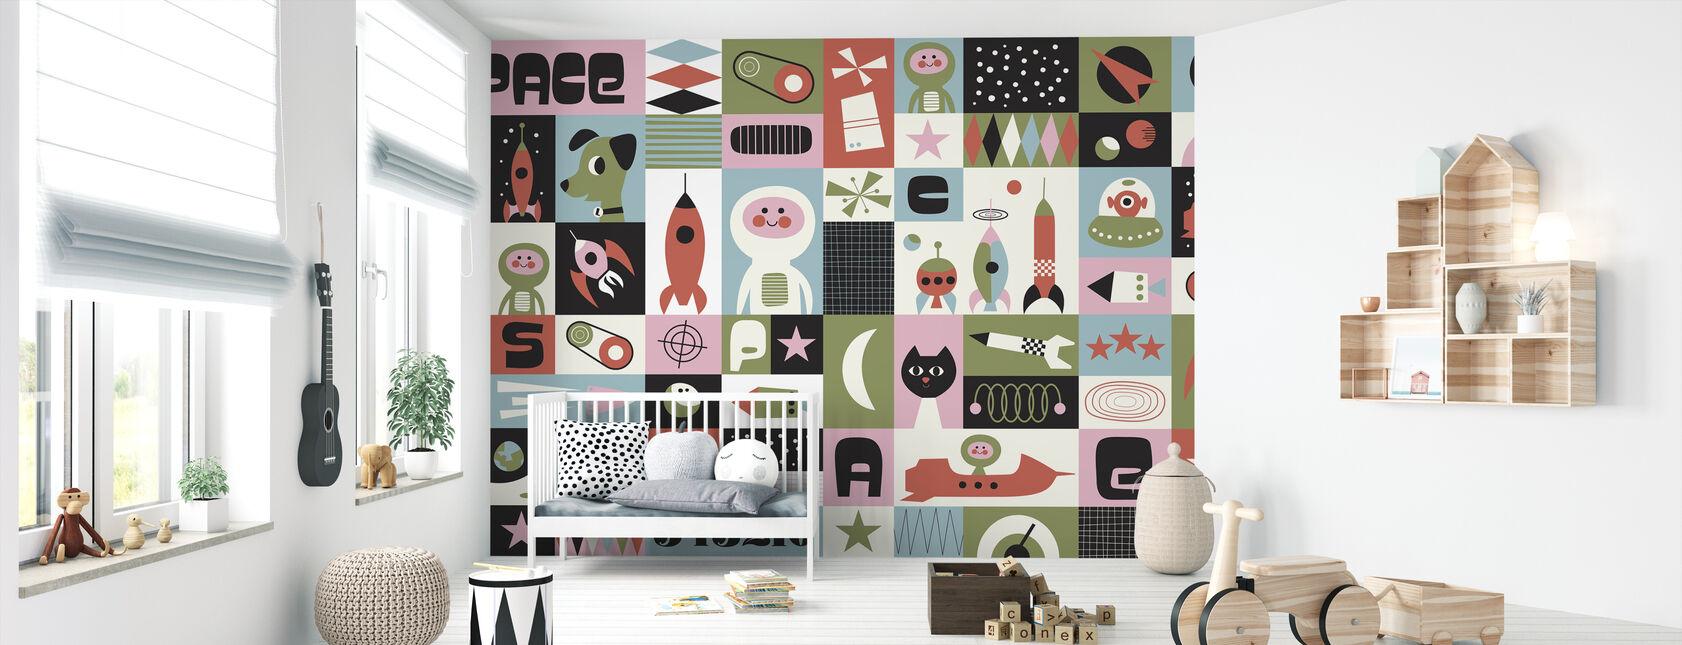 Space - Green - Wallpaper - Nursery